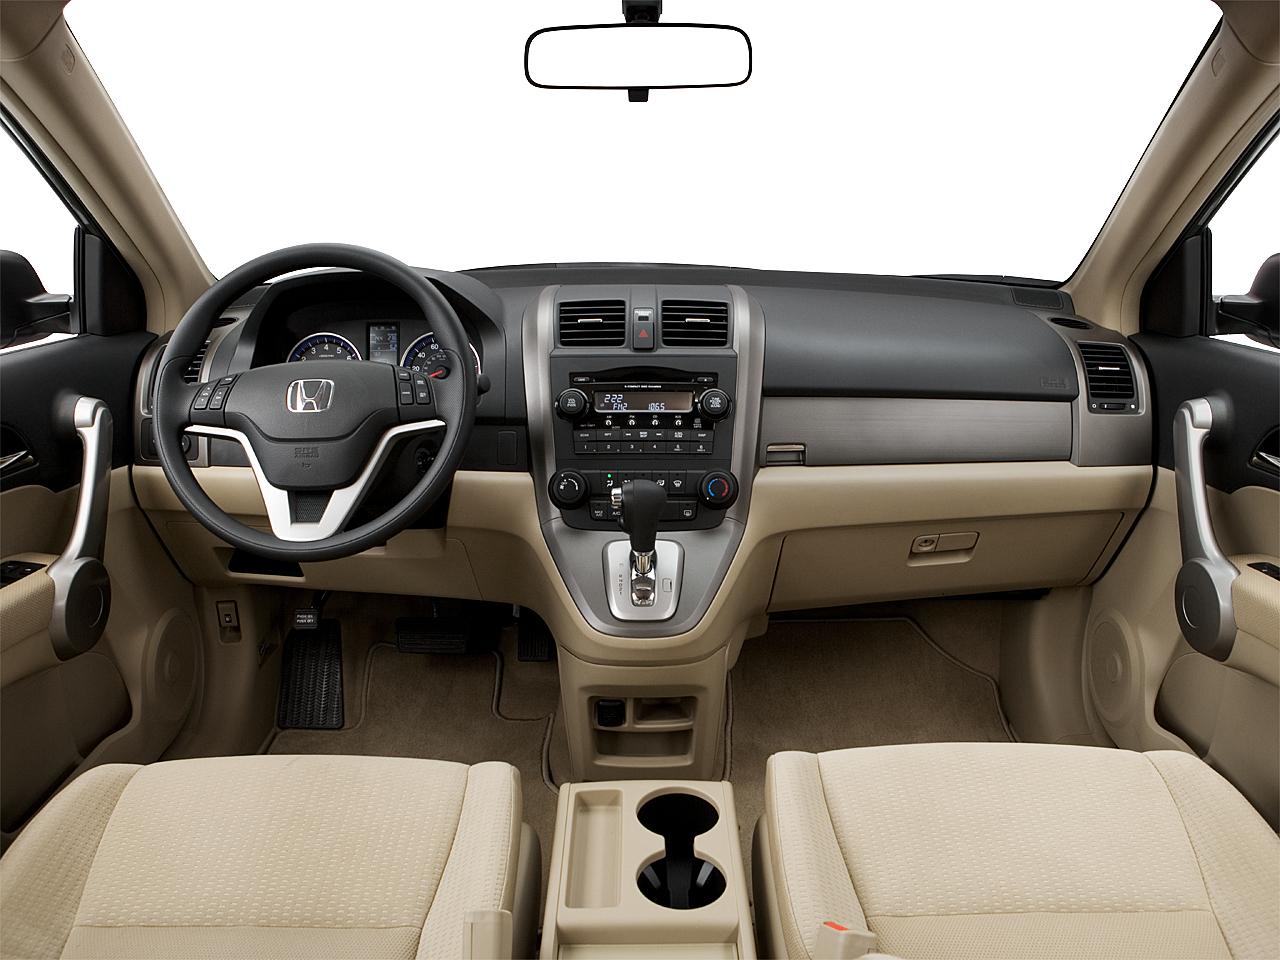 Compare Suv Dependability Autos Post